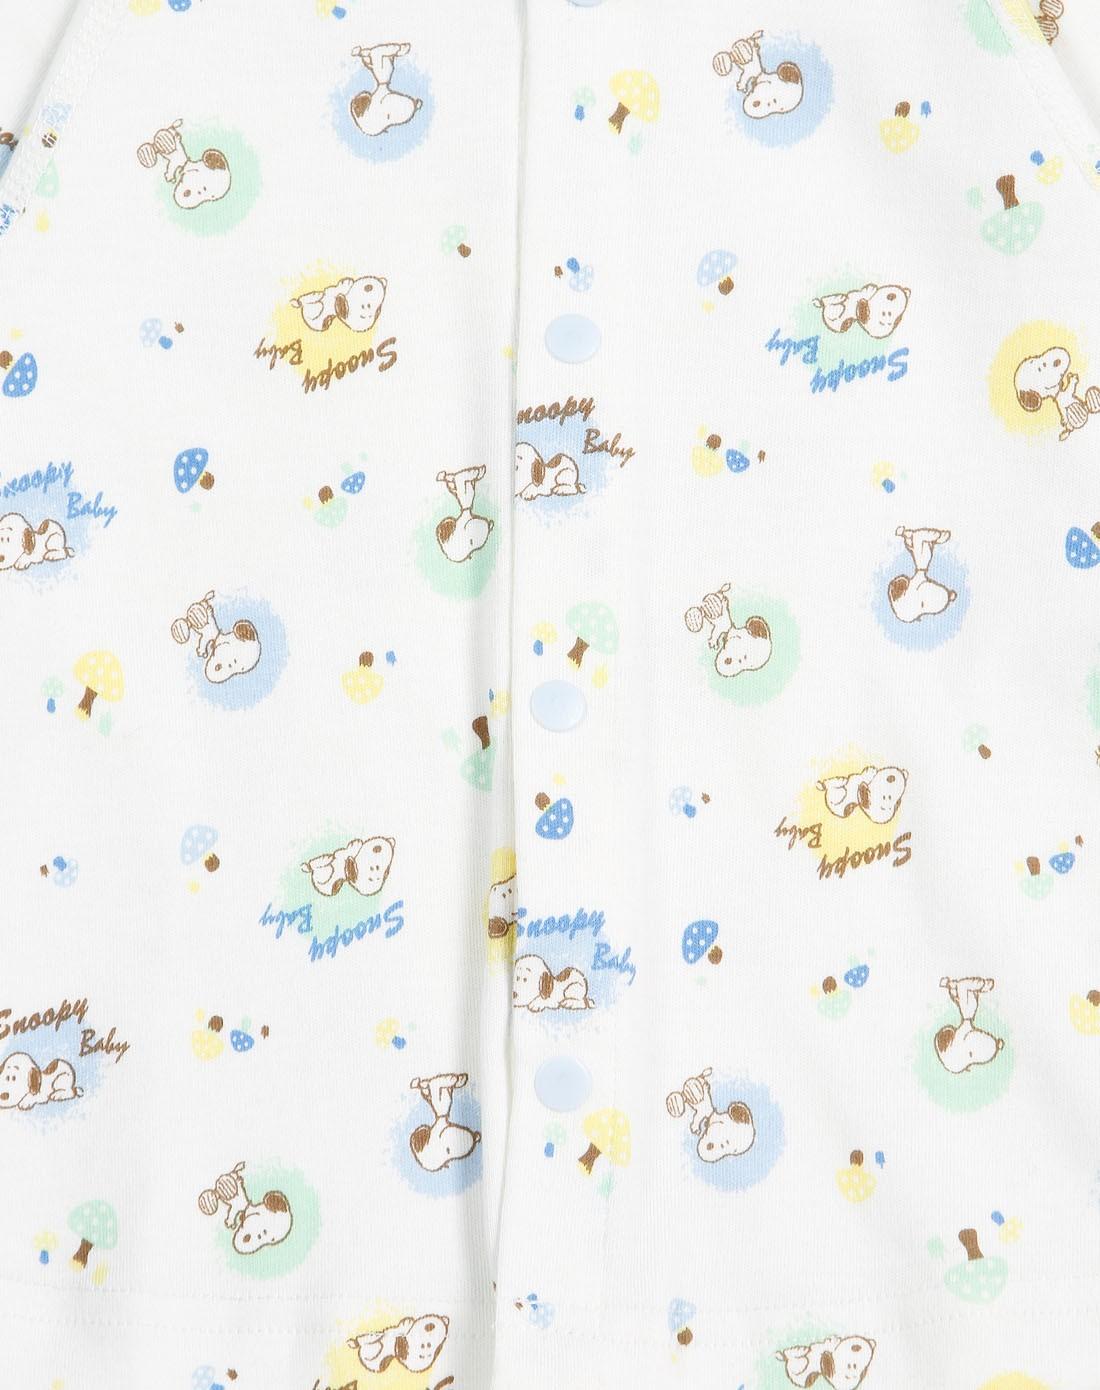 粉蓝baby_史努比snoopy baby中性粉蓝/白色满印图长袖开襟衫2b